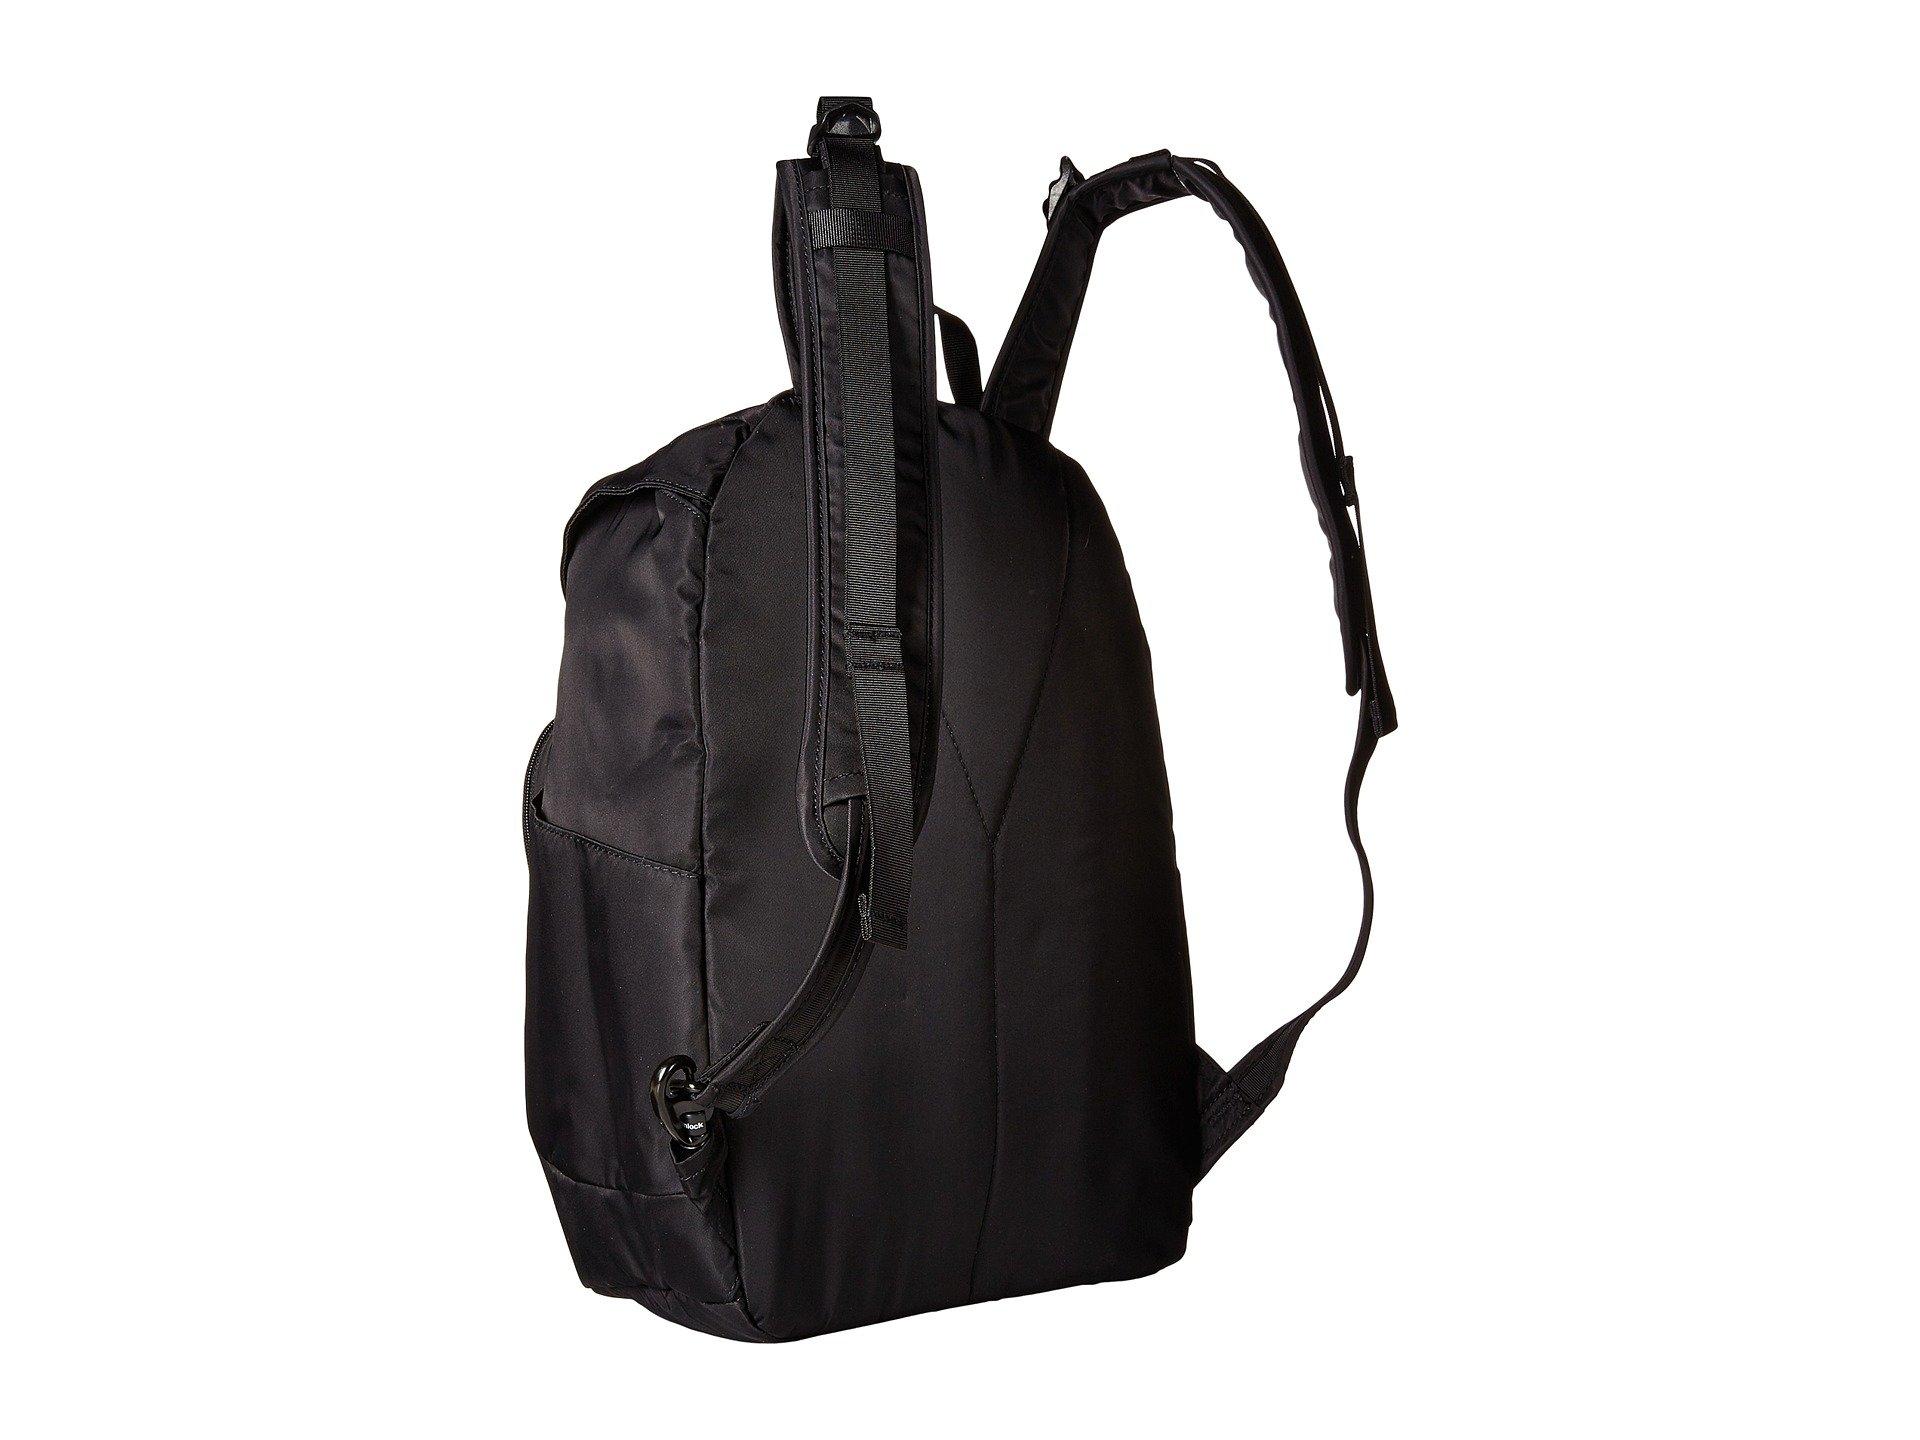 Citysafe Backpack Pacsafe Cs350 Cs350 Citysafe Pacsafe Backpack Black Black Citysafe Pacsafe Cs350 Zvxwq1pE